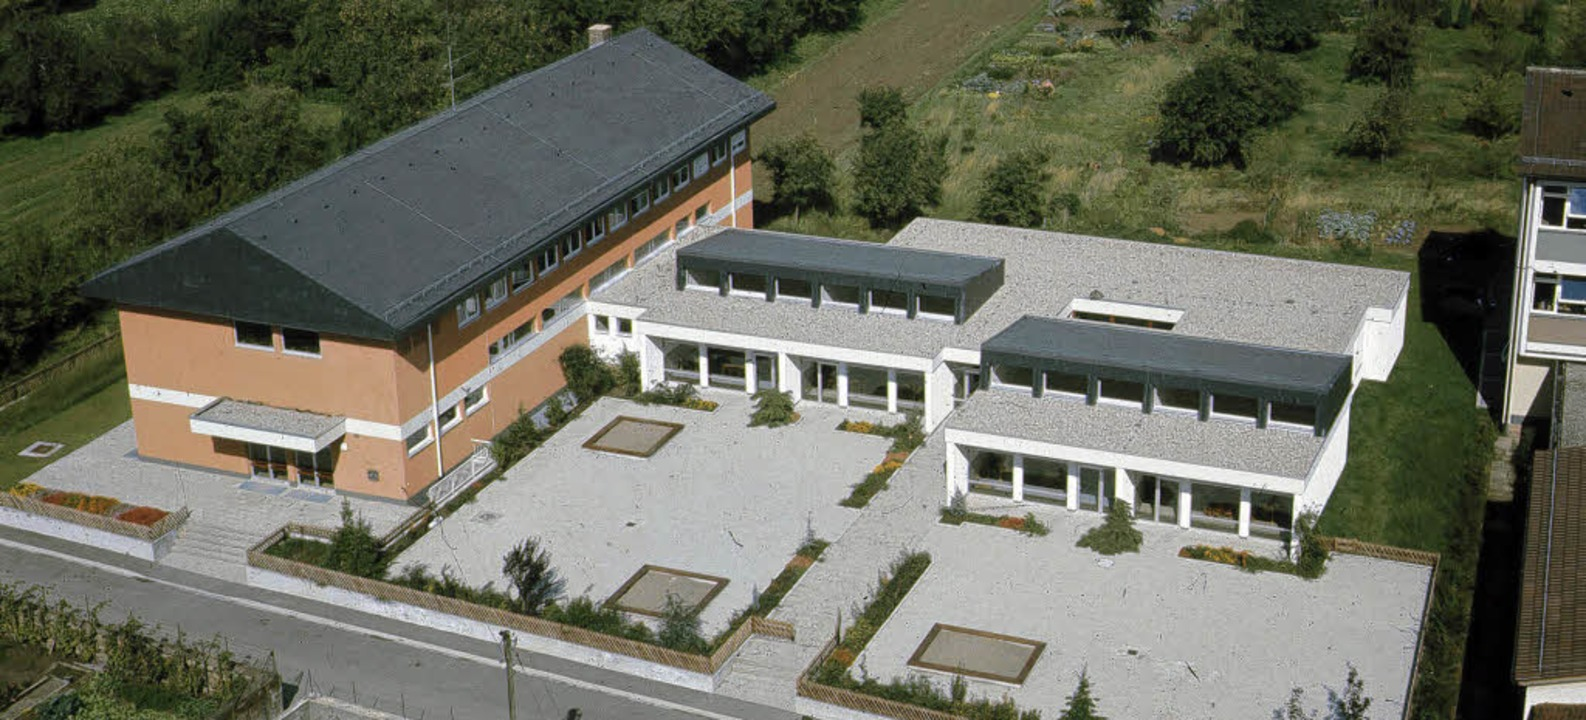 Das Friesenheimer Gemeindehaus im Jahr 1970 nach der  Fertigstellung.     Foto: Privat